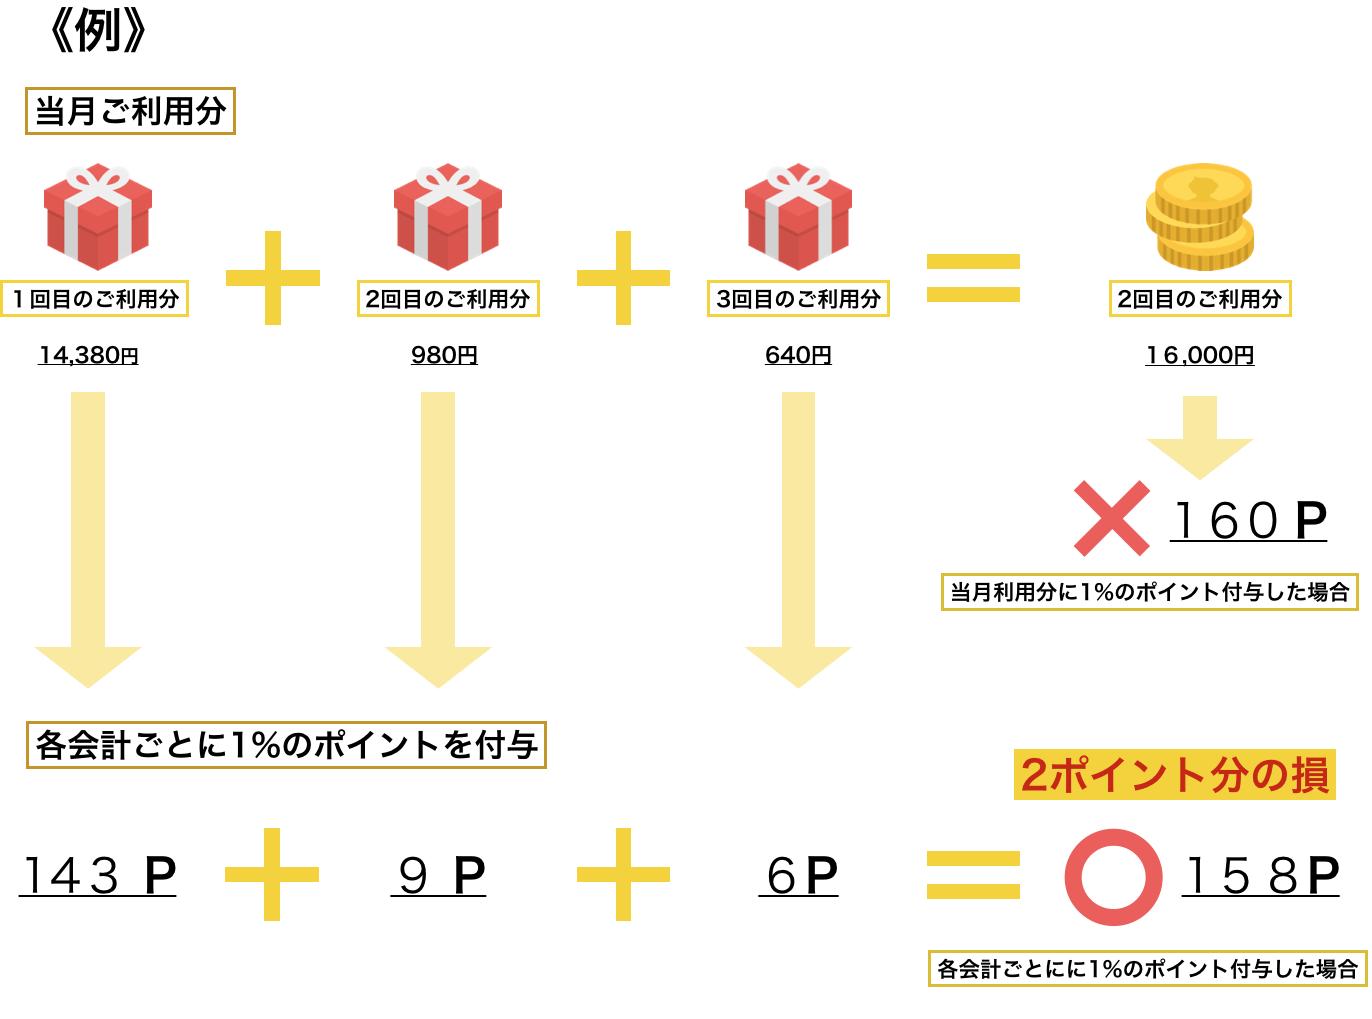 スクリーンショット 2017-02-06 13.04.52